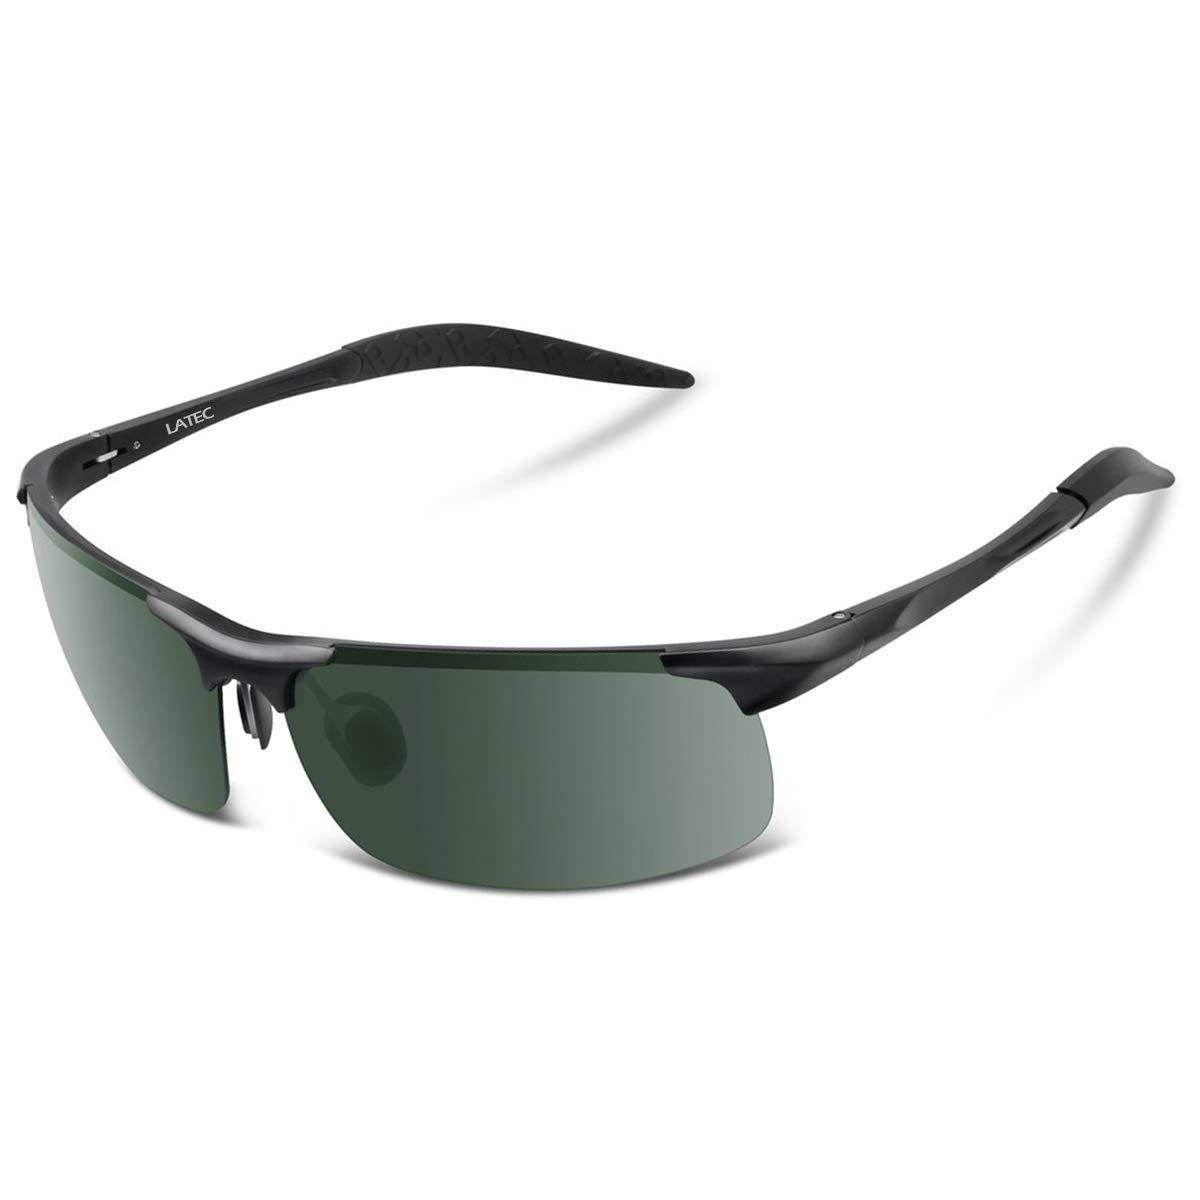 dafc6afee6 LATEC Gafas de Sol de conducción polarizada, Gafas de conducción para  Hombres Gafas Deportivas Gafas